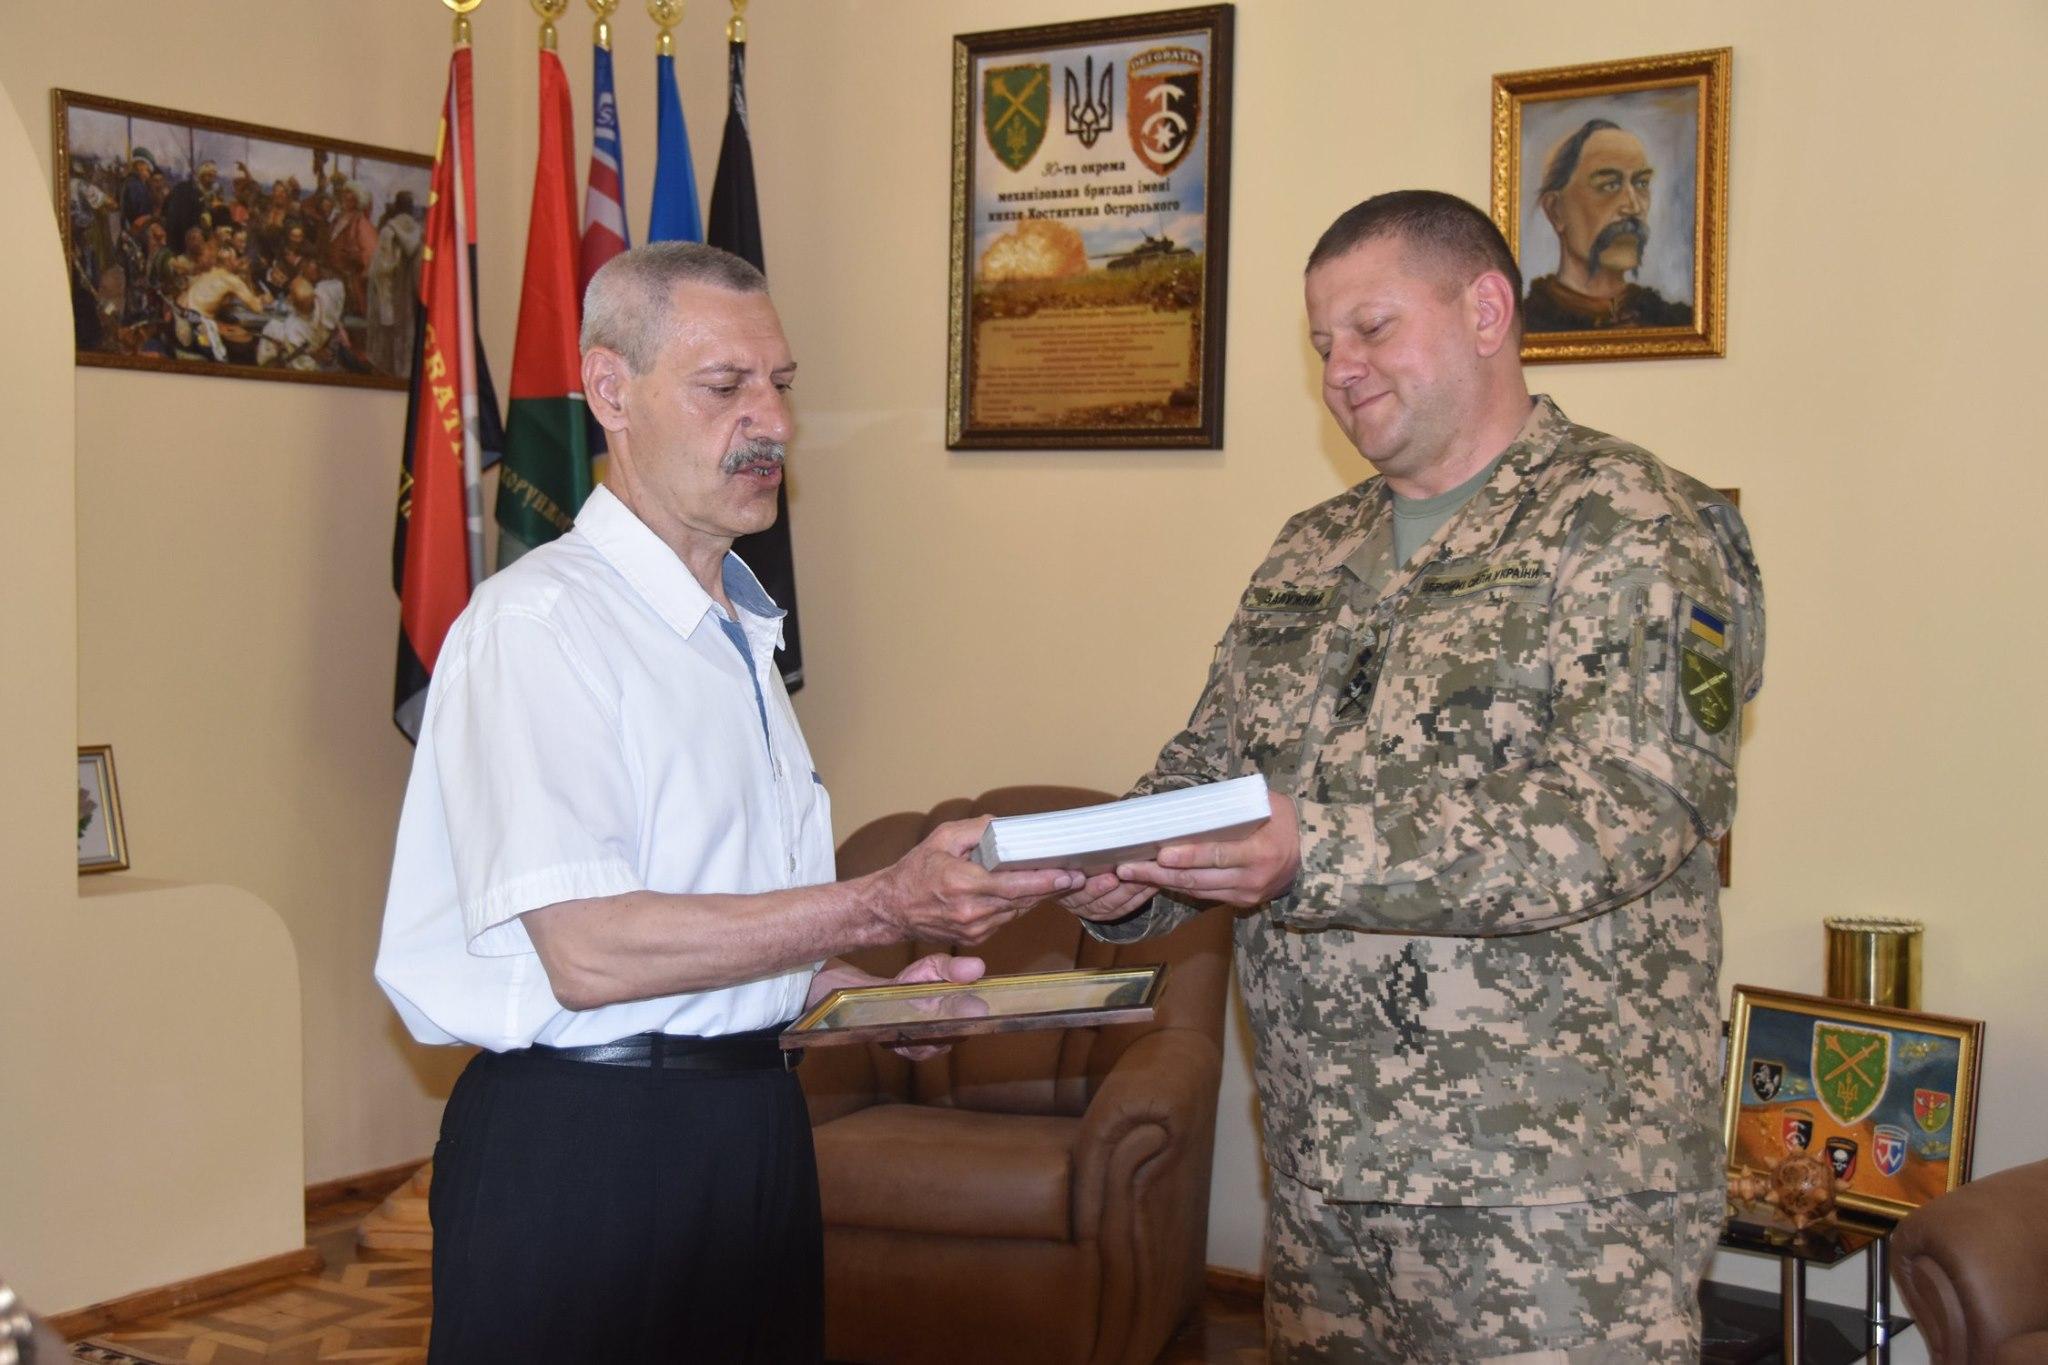 Чернігів: військові отримали видання від Інституту національної пам'яті й не тільки (Фото)